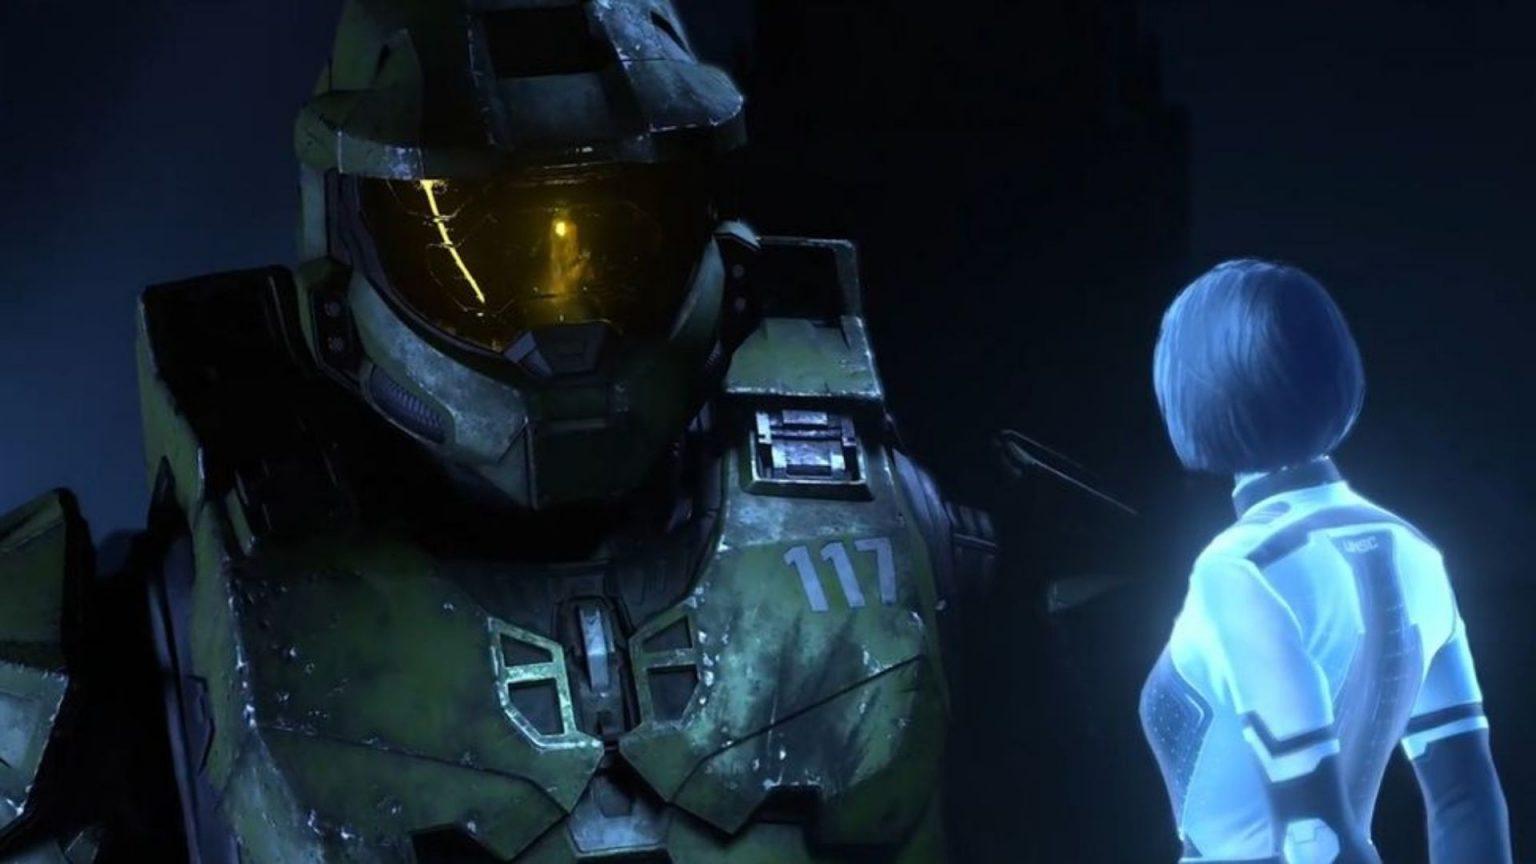 بتای بعدی بازی Halo Infinite شامل رقابت های ۴v4 و Big Team Battle خواهد بود